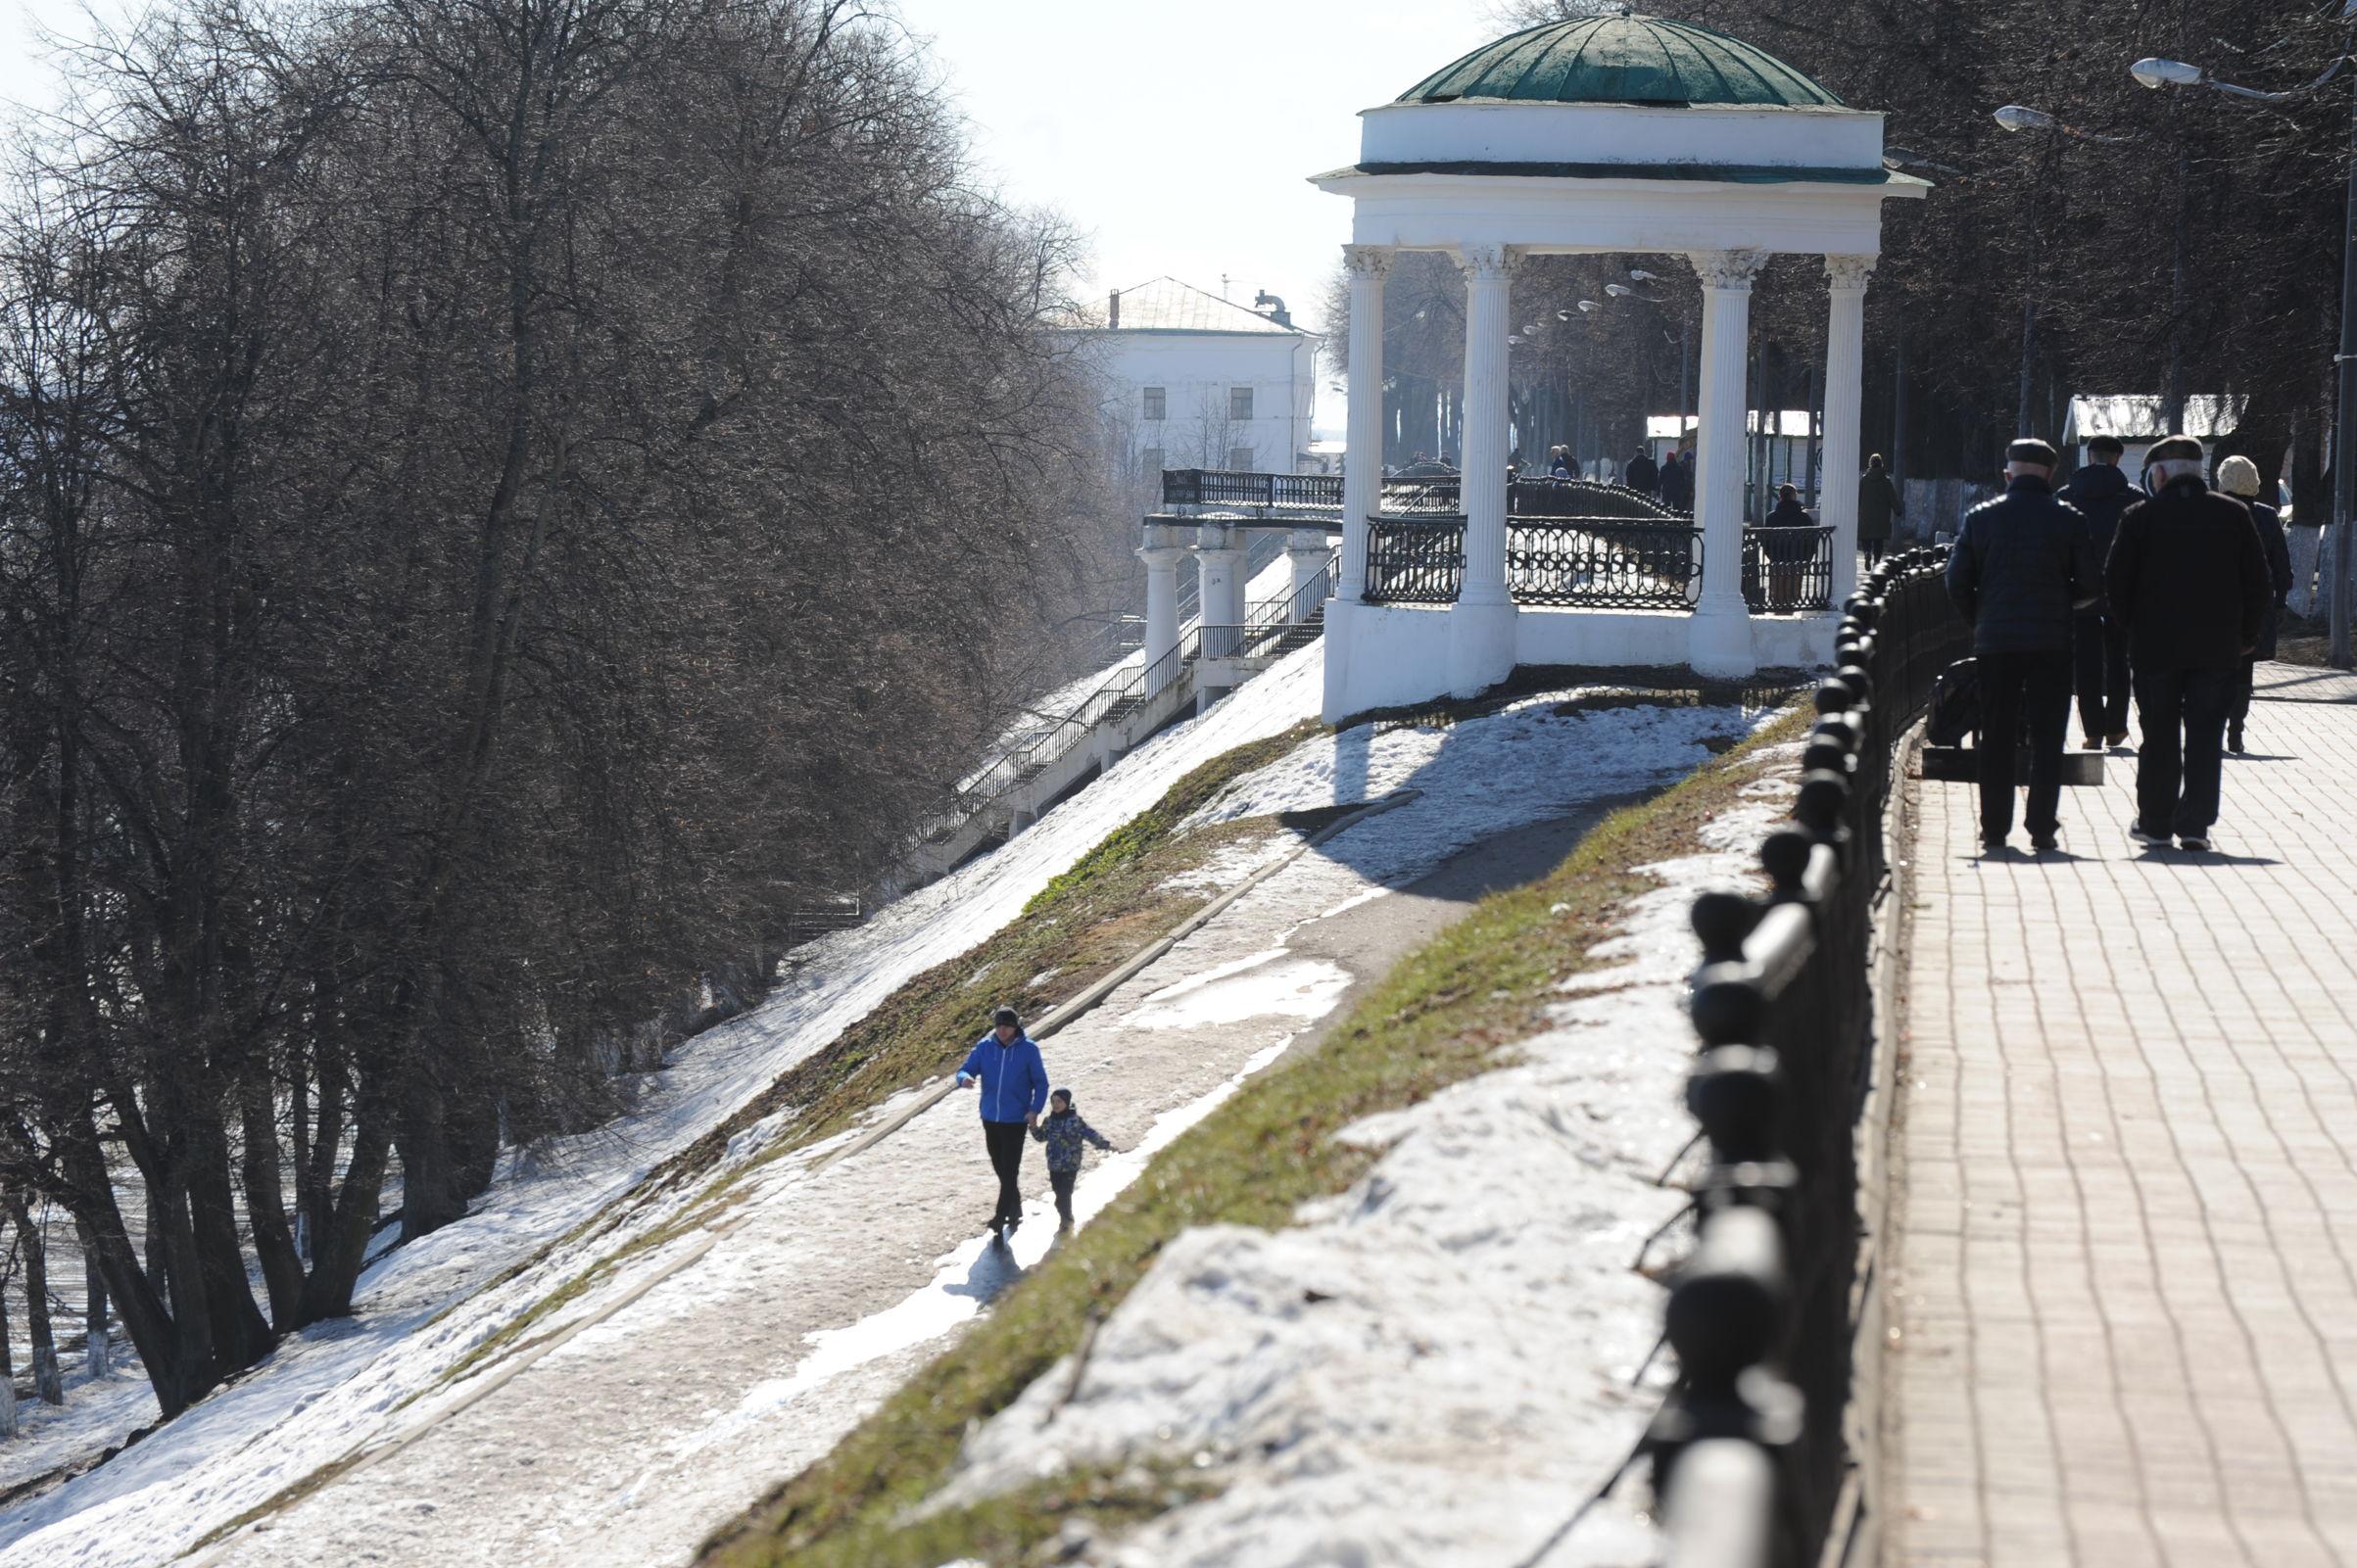 Дмитрий Миронов: отсутствие китайских туристов не повлияет на экономику региона